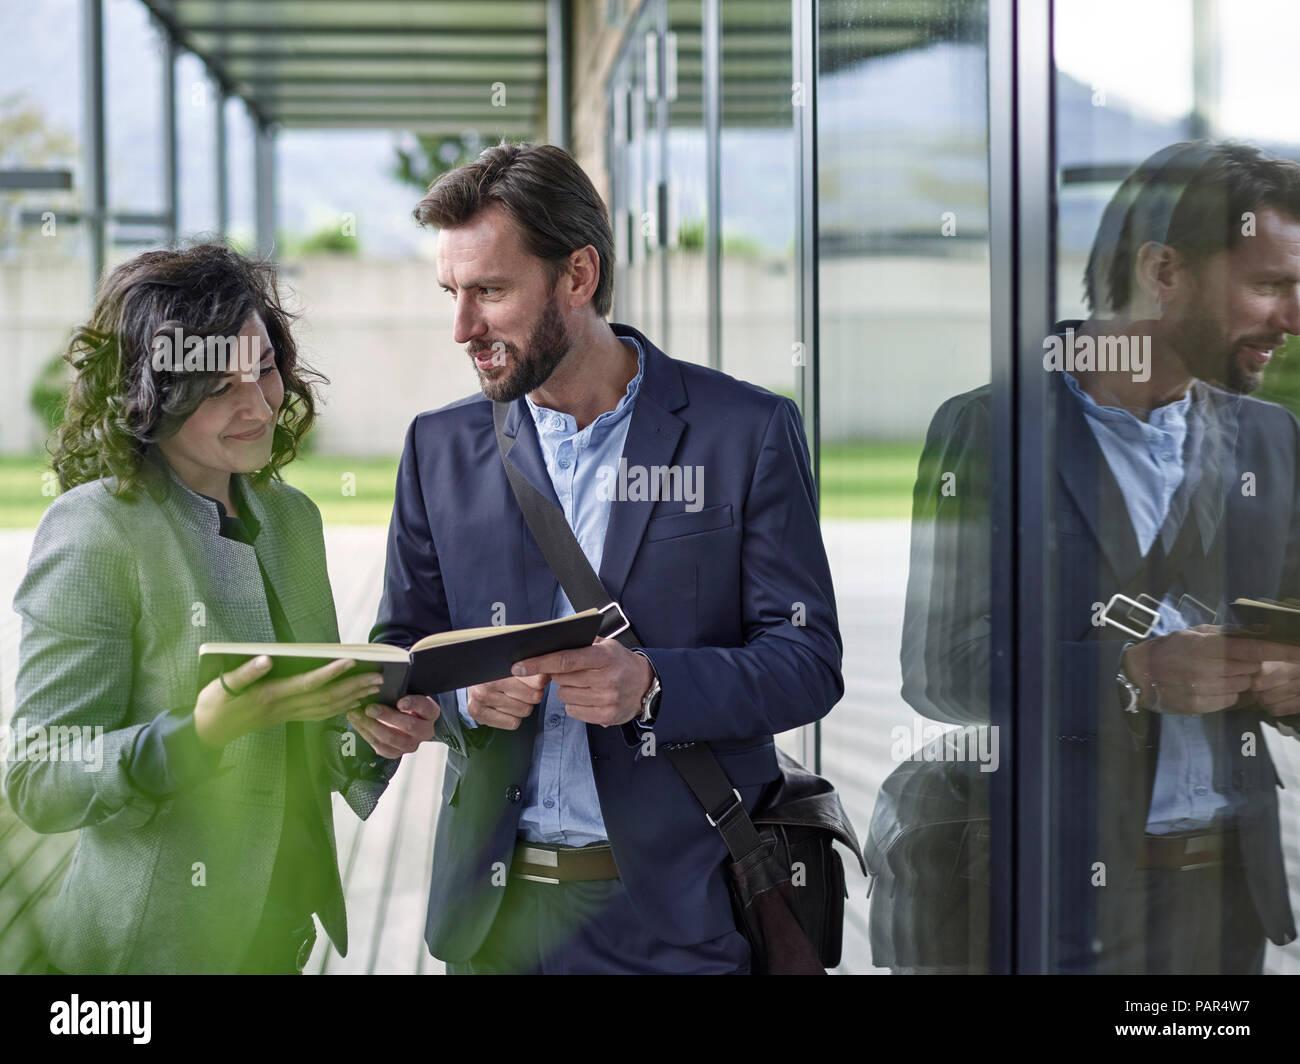 Los colegas con el libro hablando fuera de edificio de oficinas Imagen De Stock